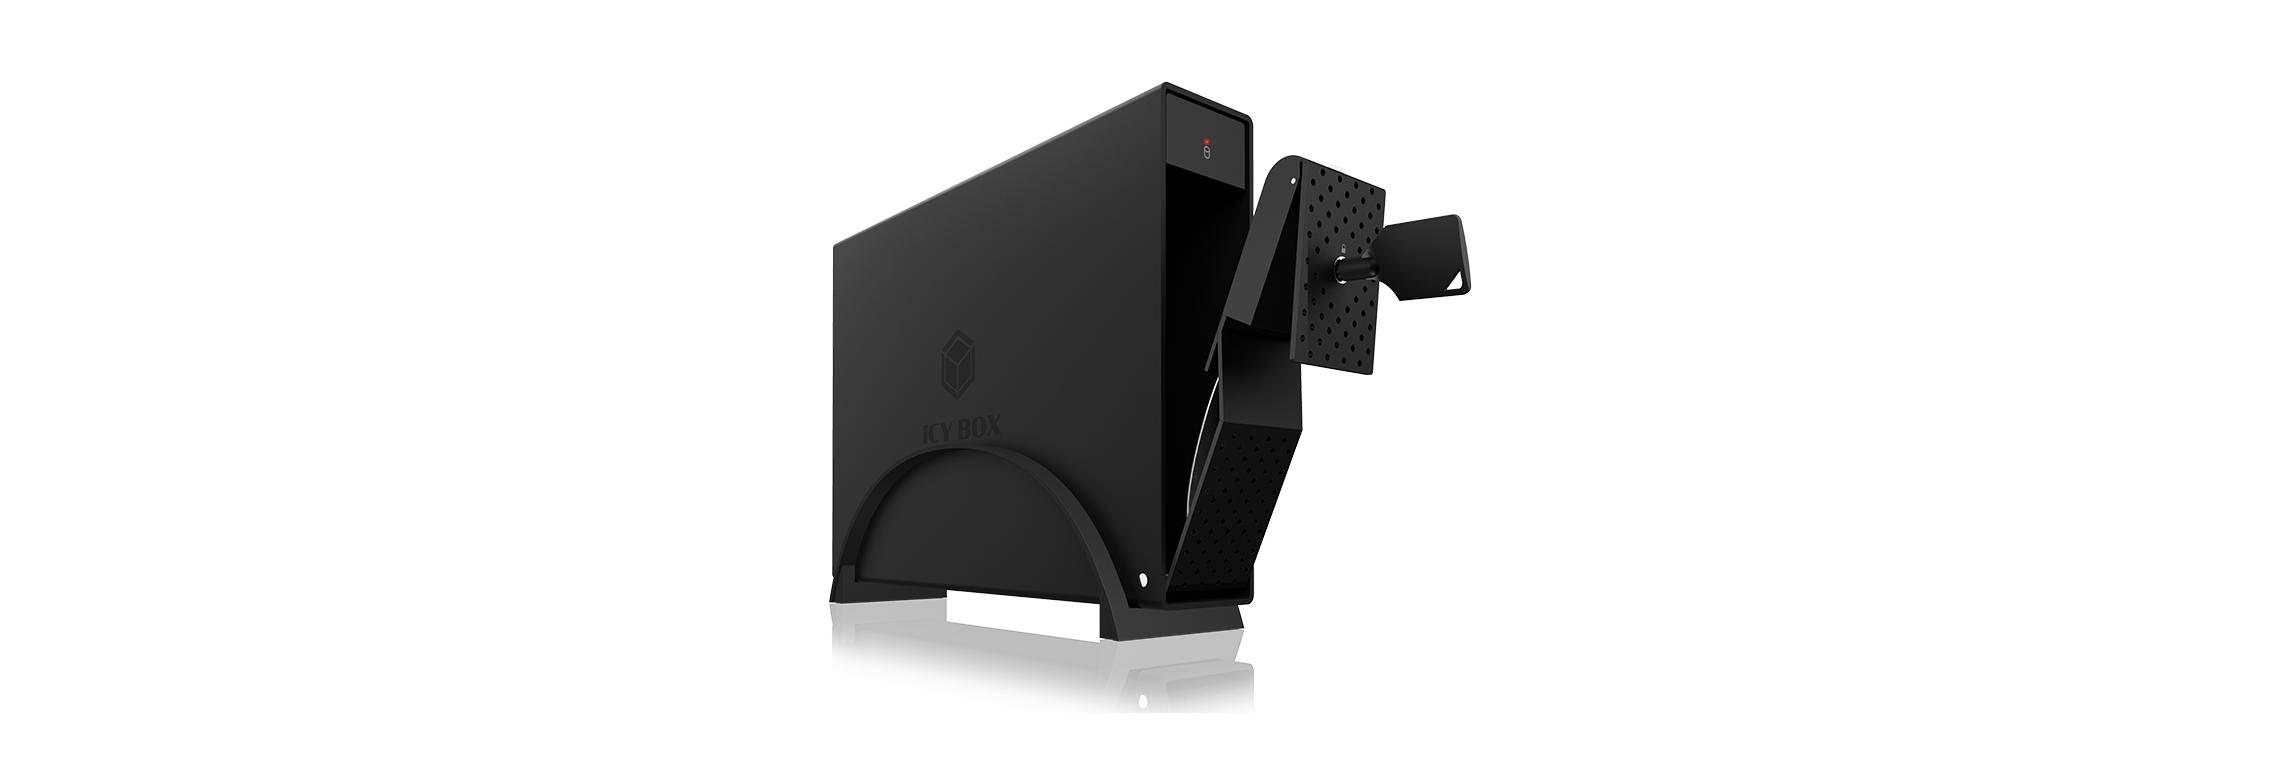 USB 3.1 (Gen 2) Gehäuse für 1x 3,5